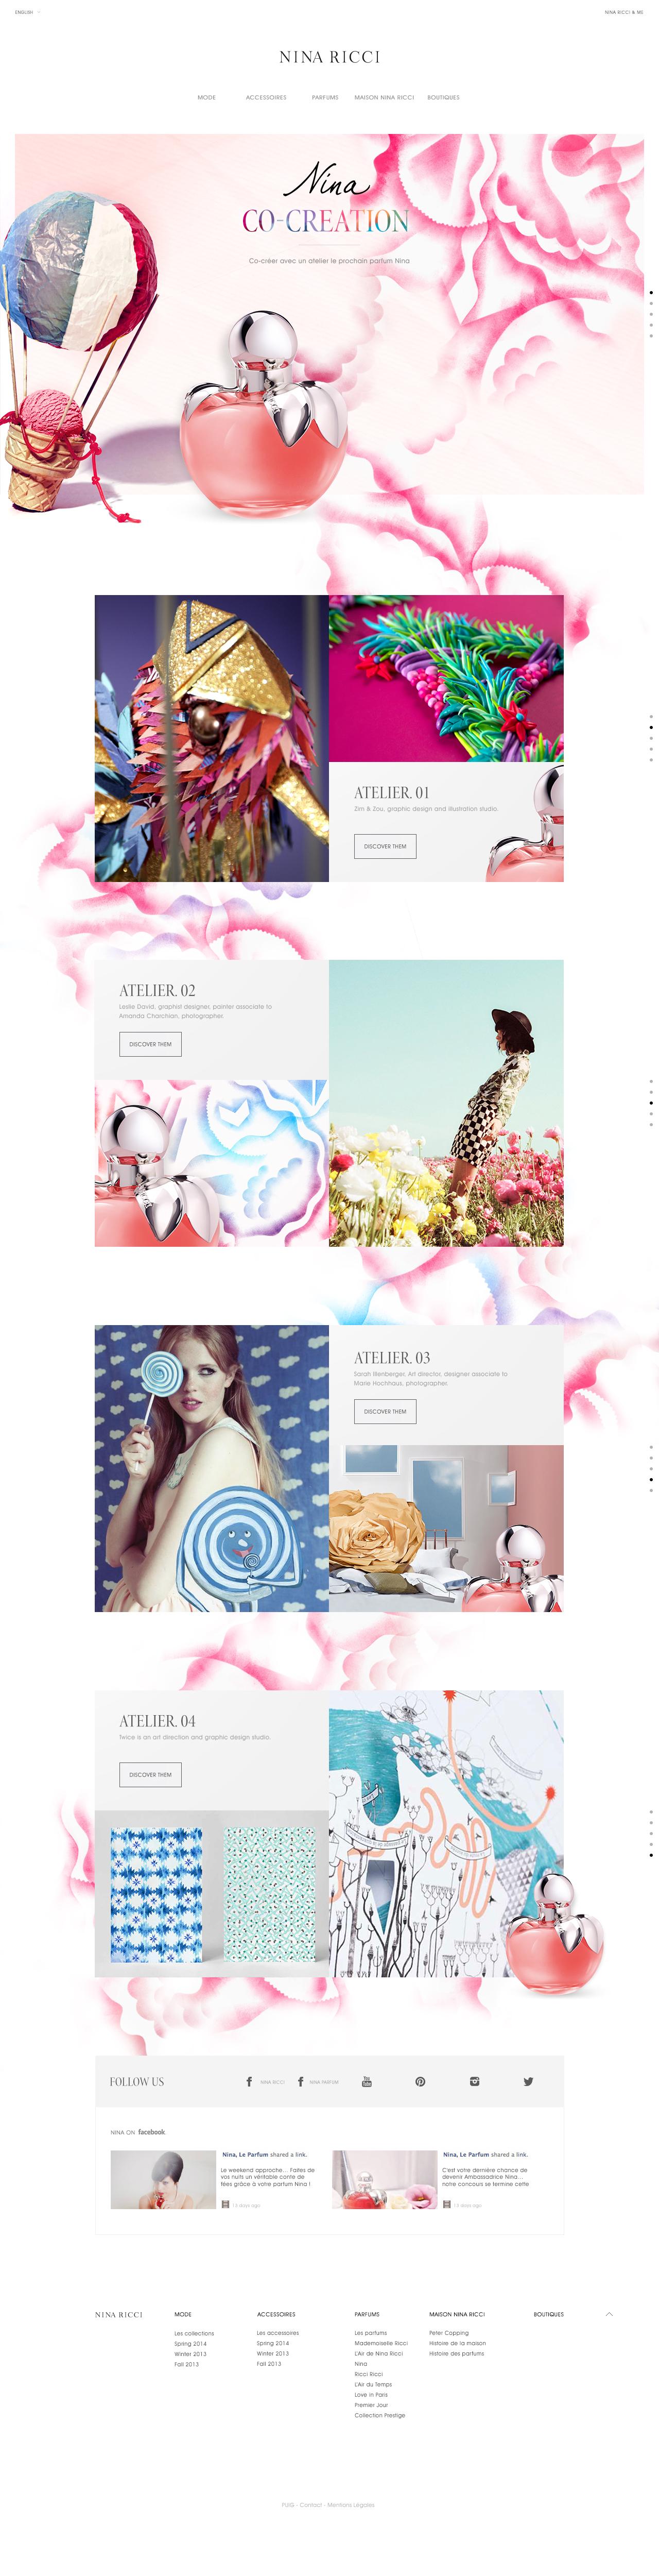 00_nina_co-create_v3